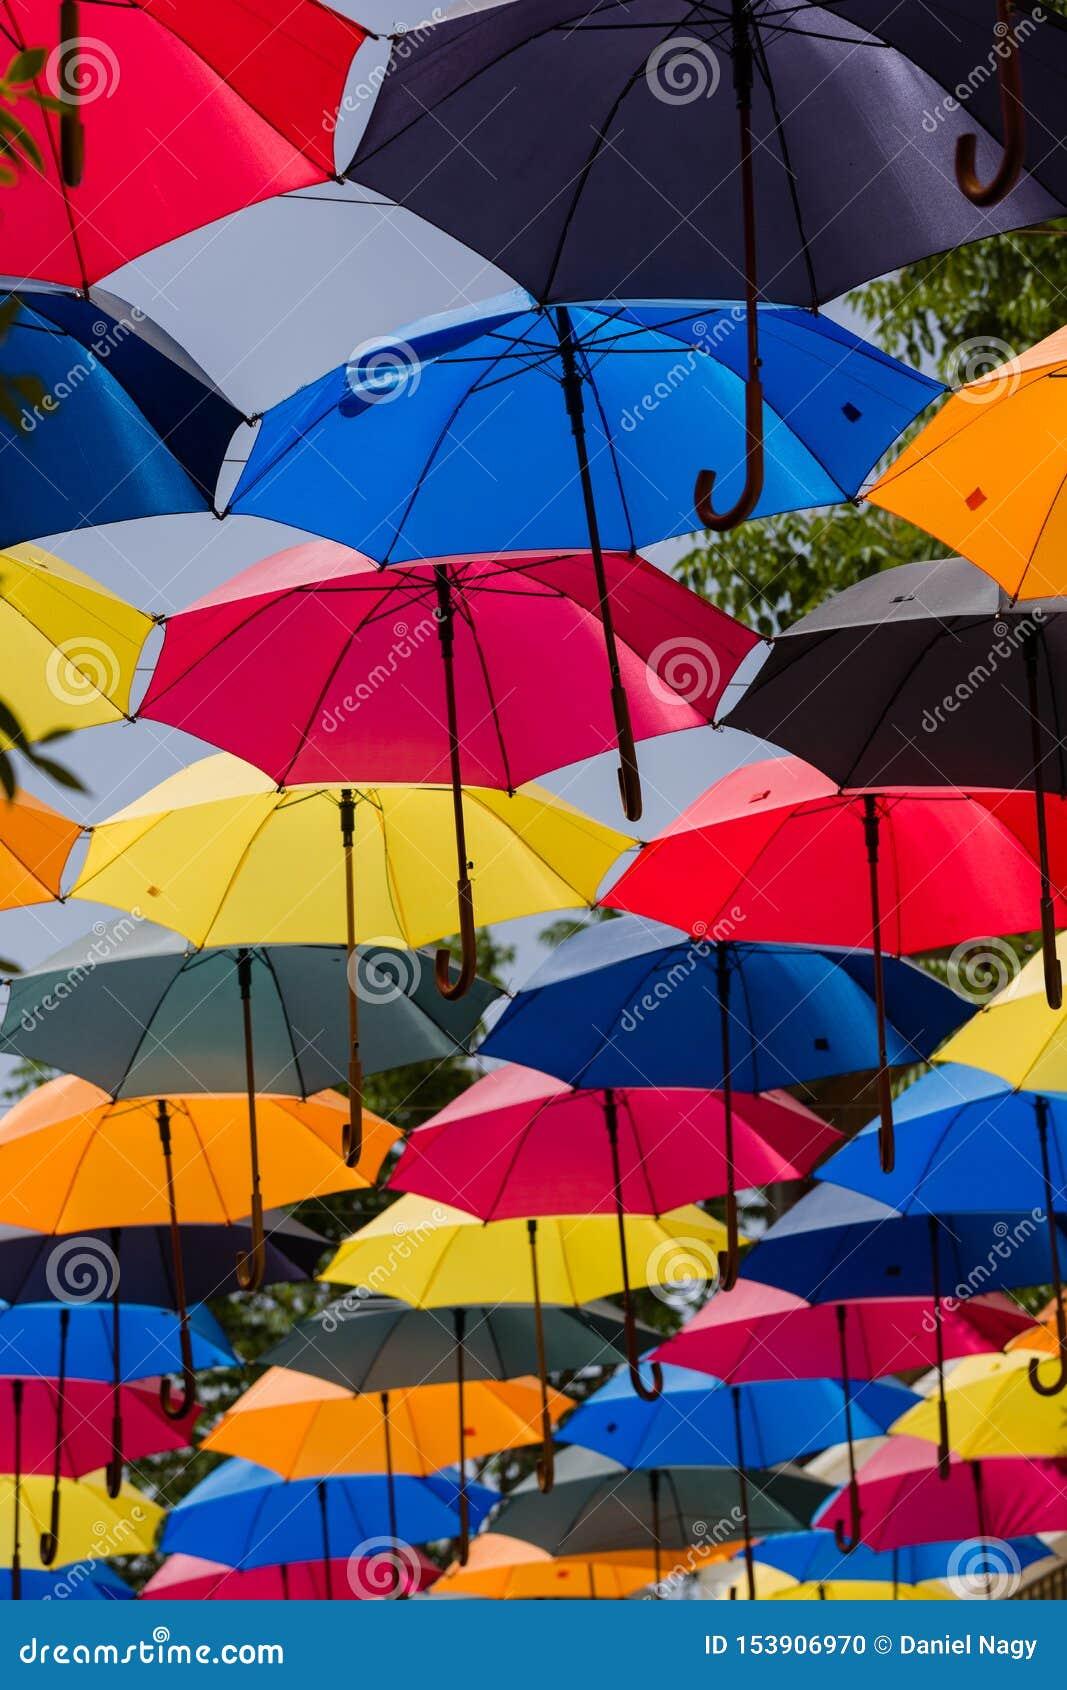 Красочные парасоли совместно, над улицей, дают тень солнечного света